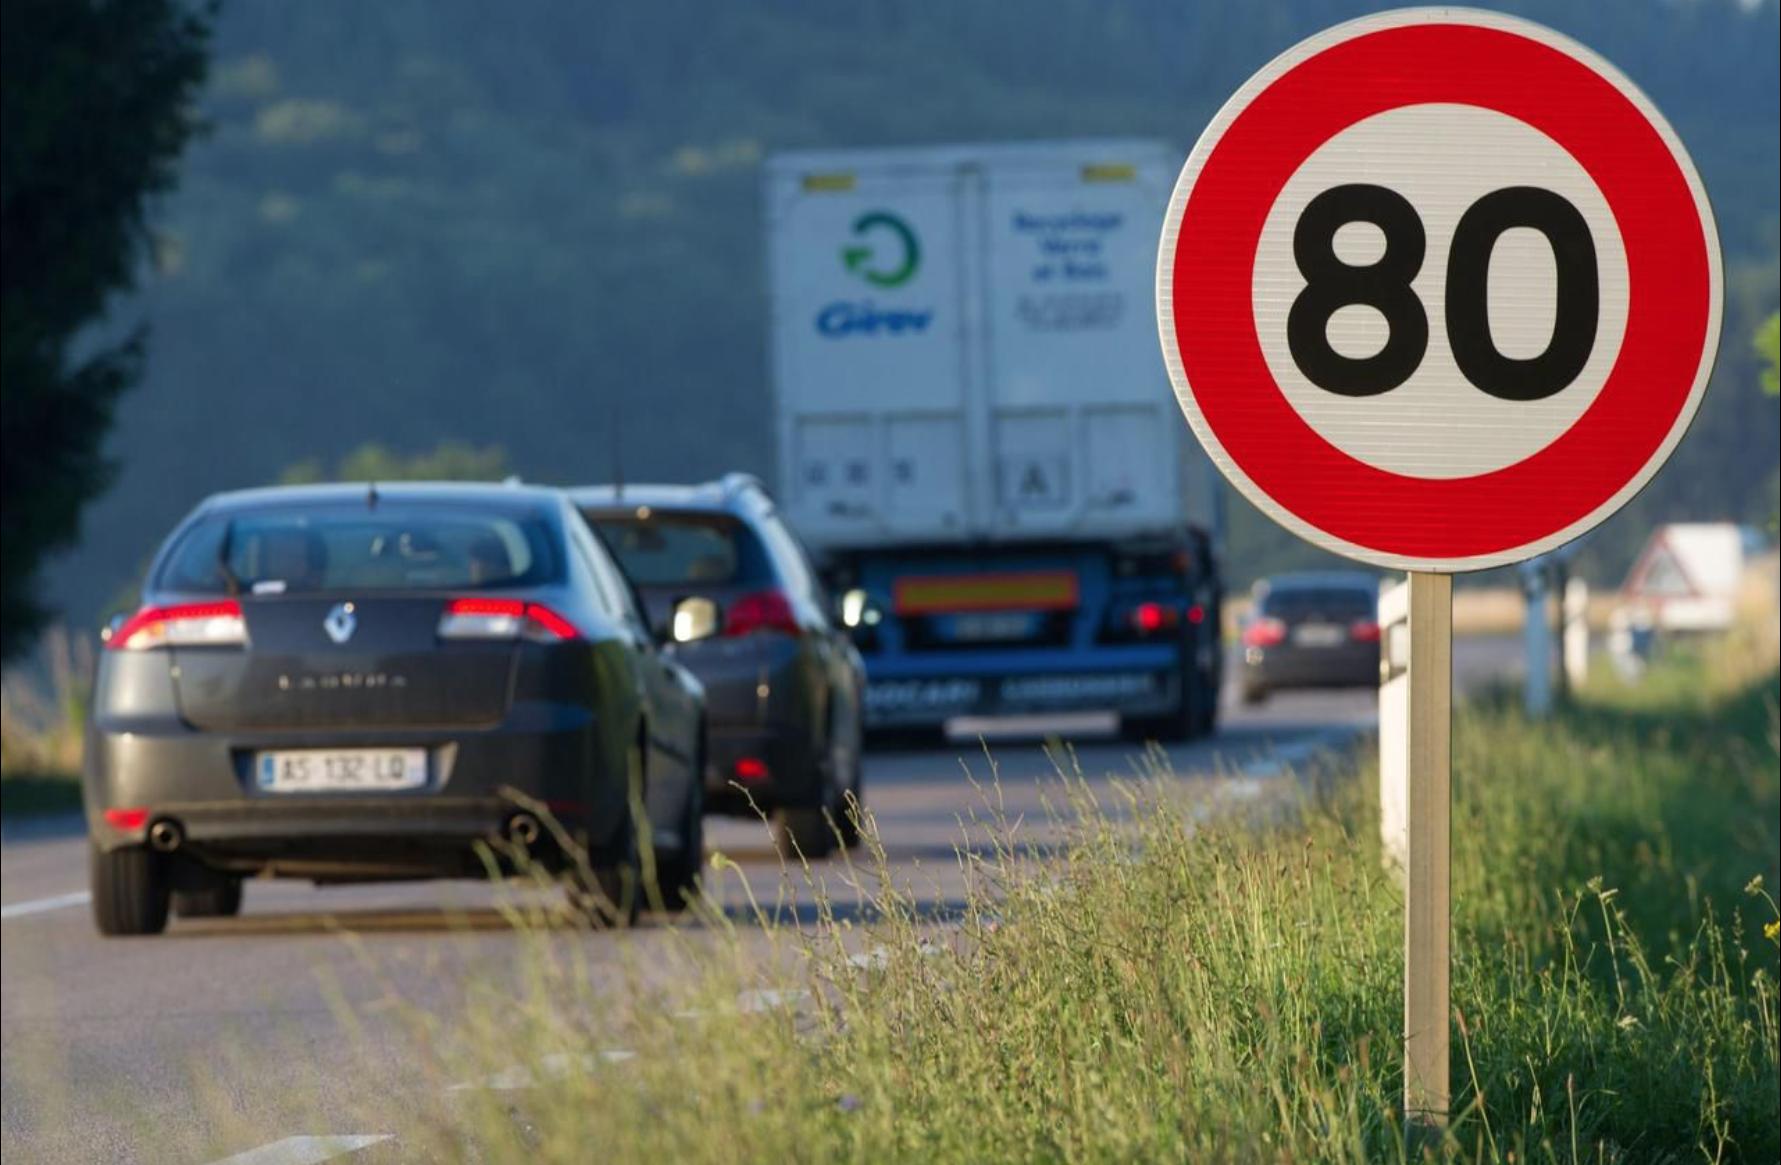 Sécurité routière : mesures plus sévères